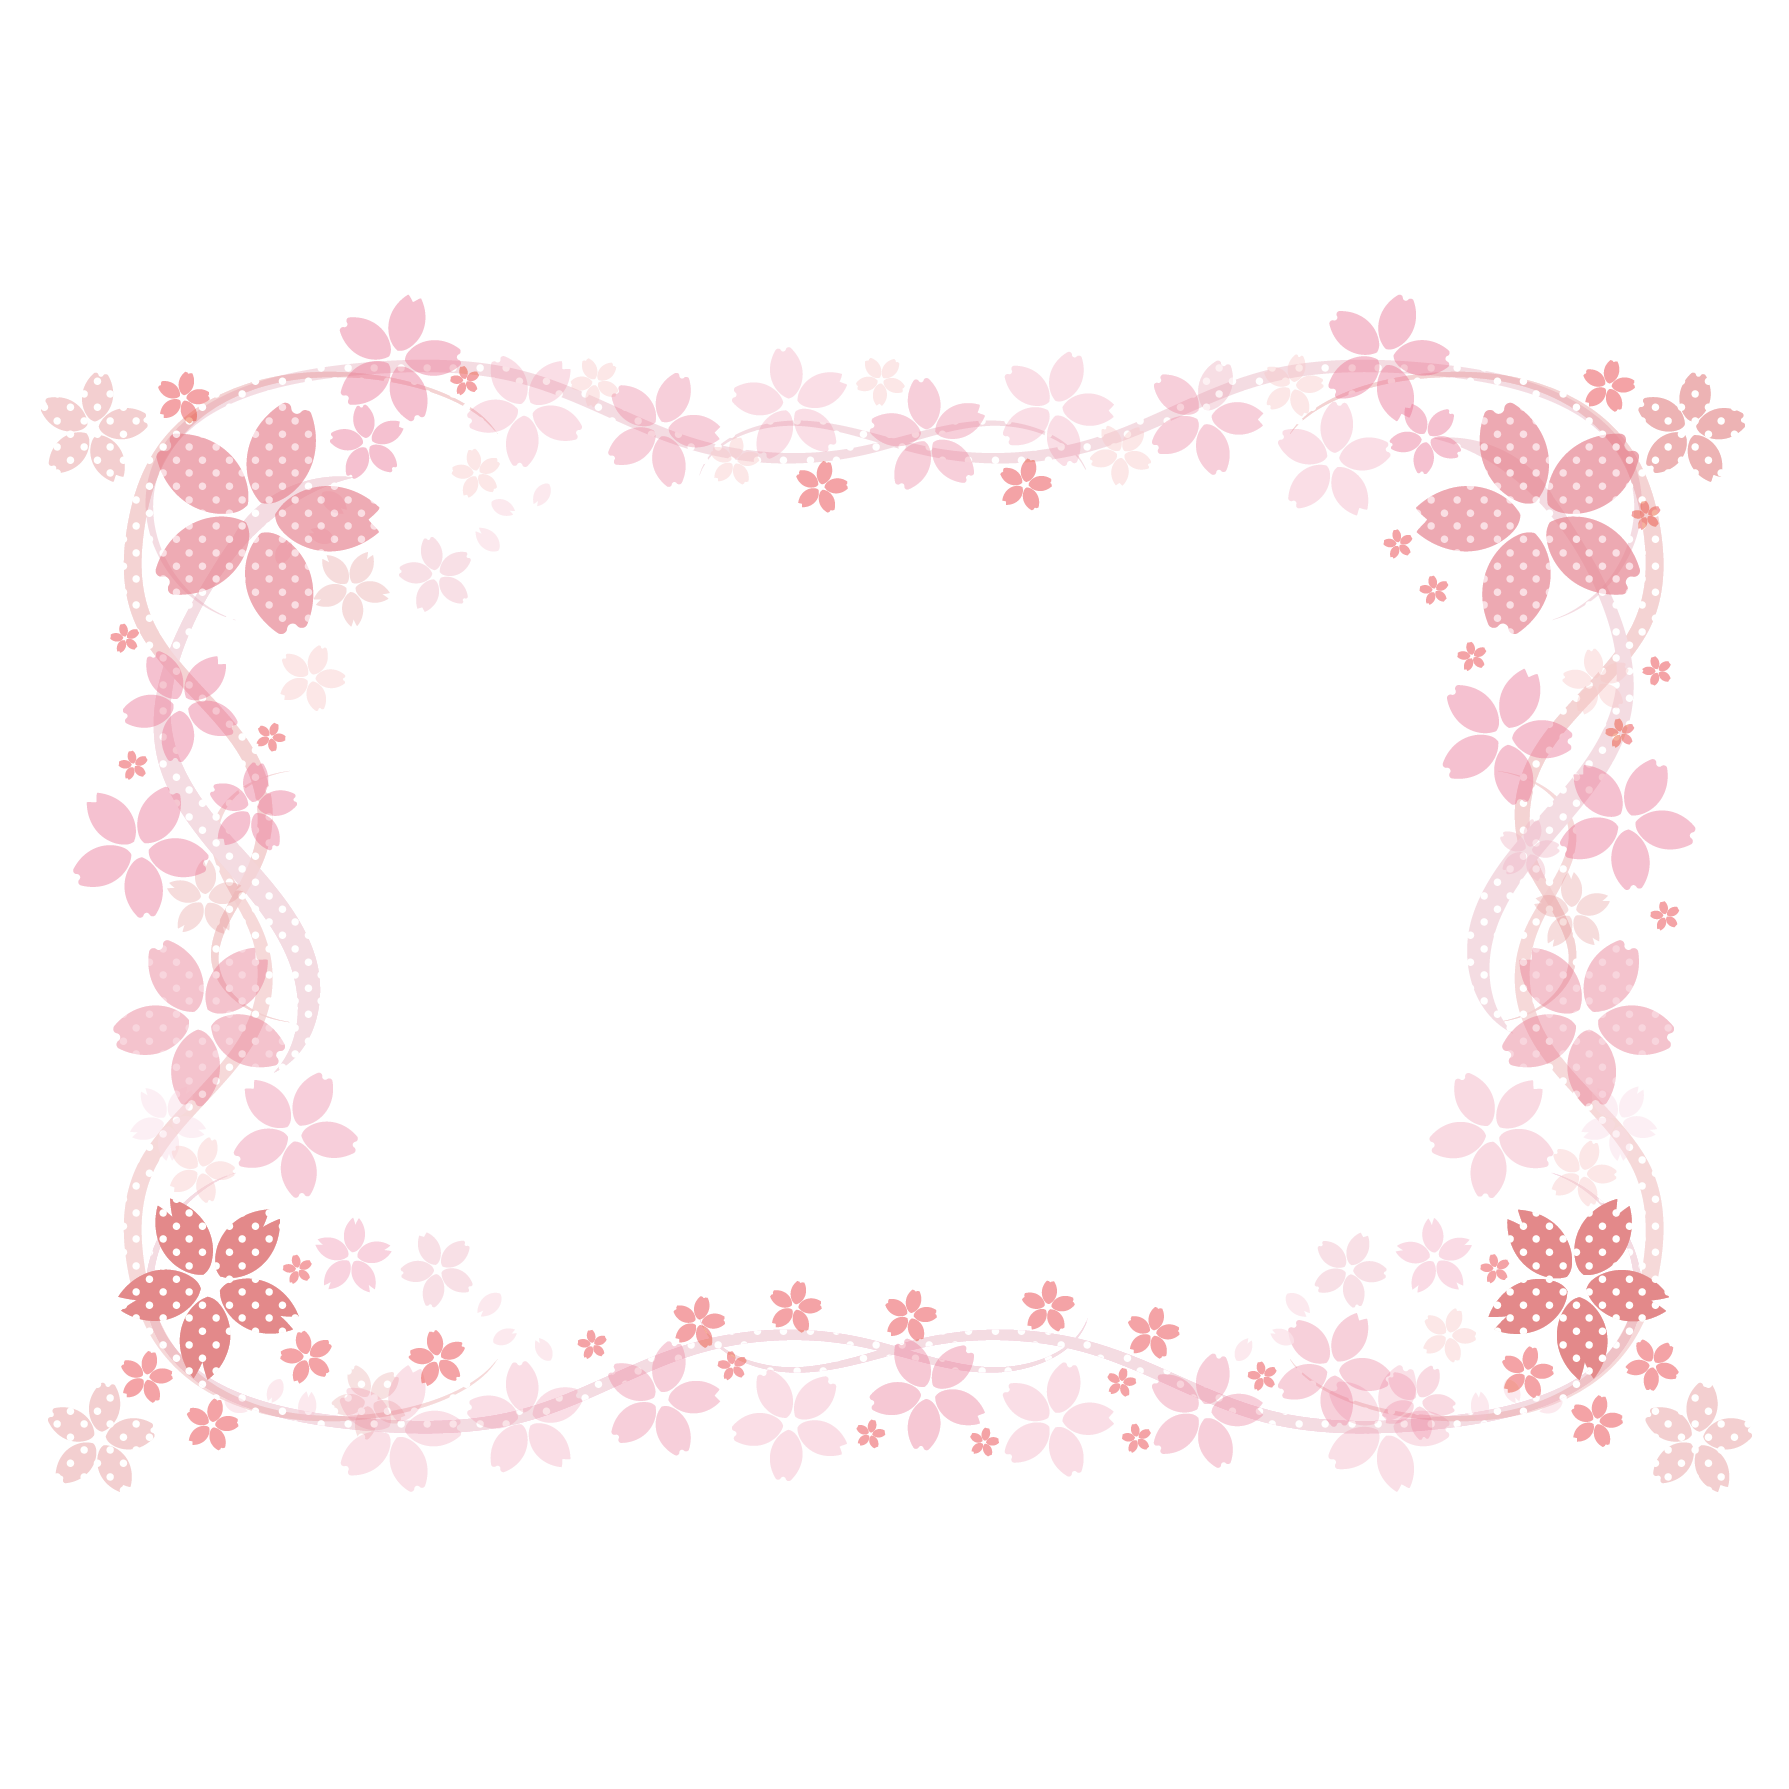 商用可 春を感じる 和風だけどかわいい 桜のフレームデザインの無料イラスト素材になります なんともかわいい桜のモチーフ フレーム 枠 としてはもちろん 便箋 背景としても使えます サイズは です Adsbygoogle Window Adsbygoogle フレームデザイン